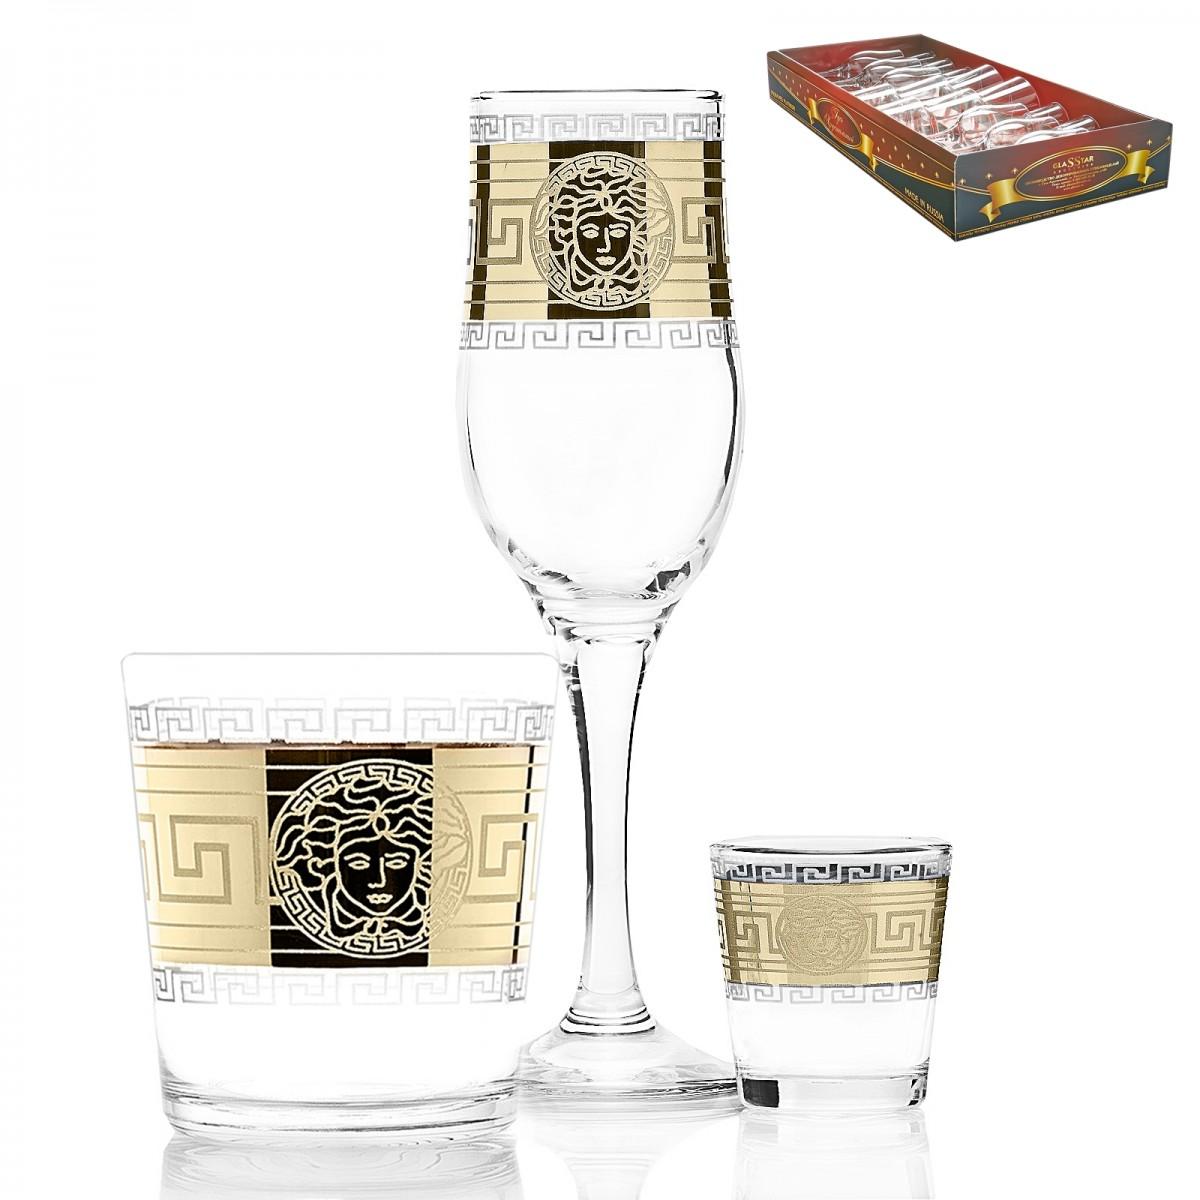 GN3_160_40_50 Набор 18 предметов «Версаль» (6 бокалов + 6 стаканов + 6 стопок)